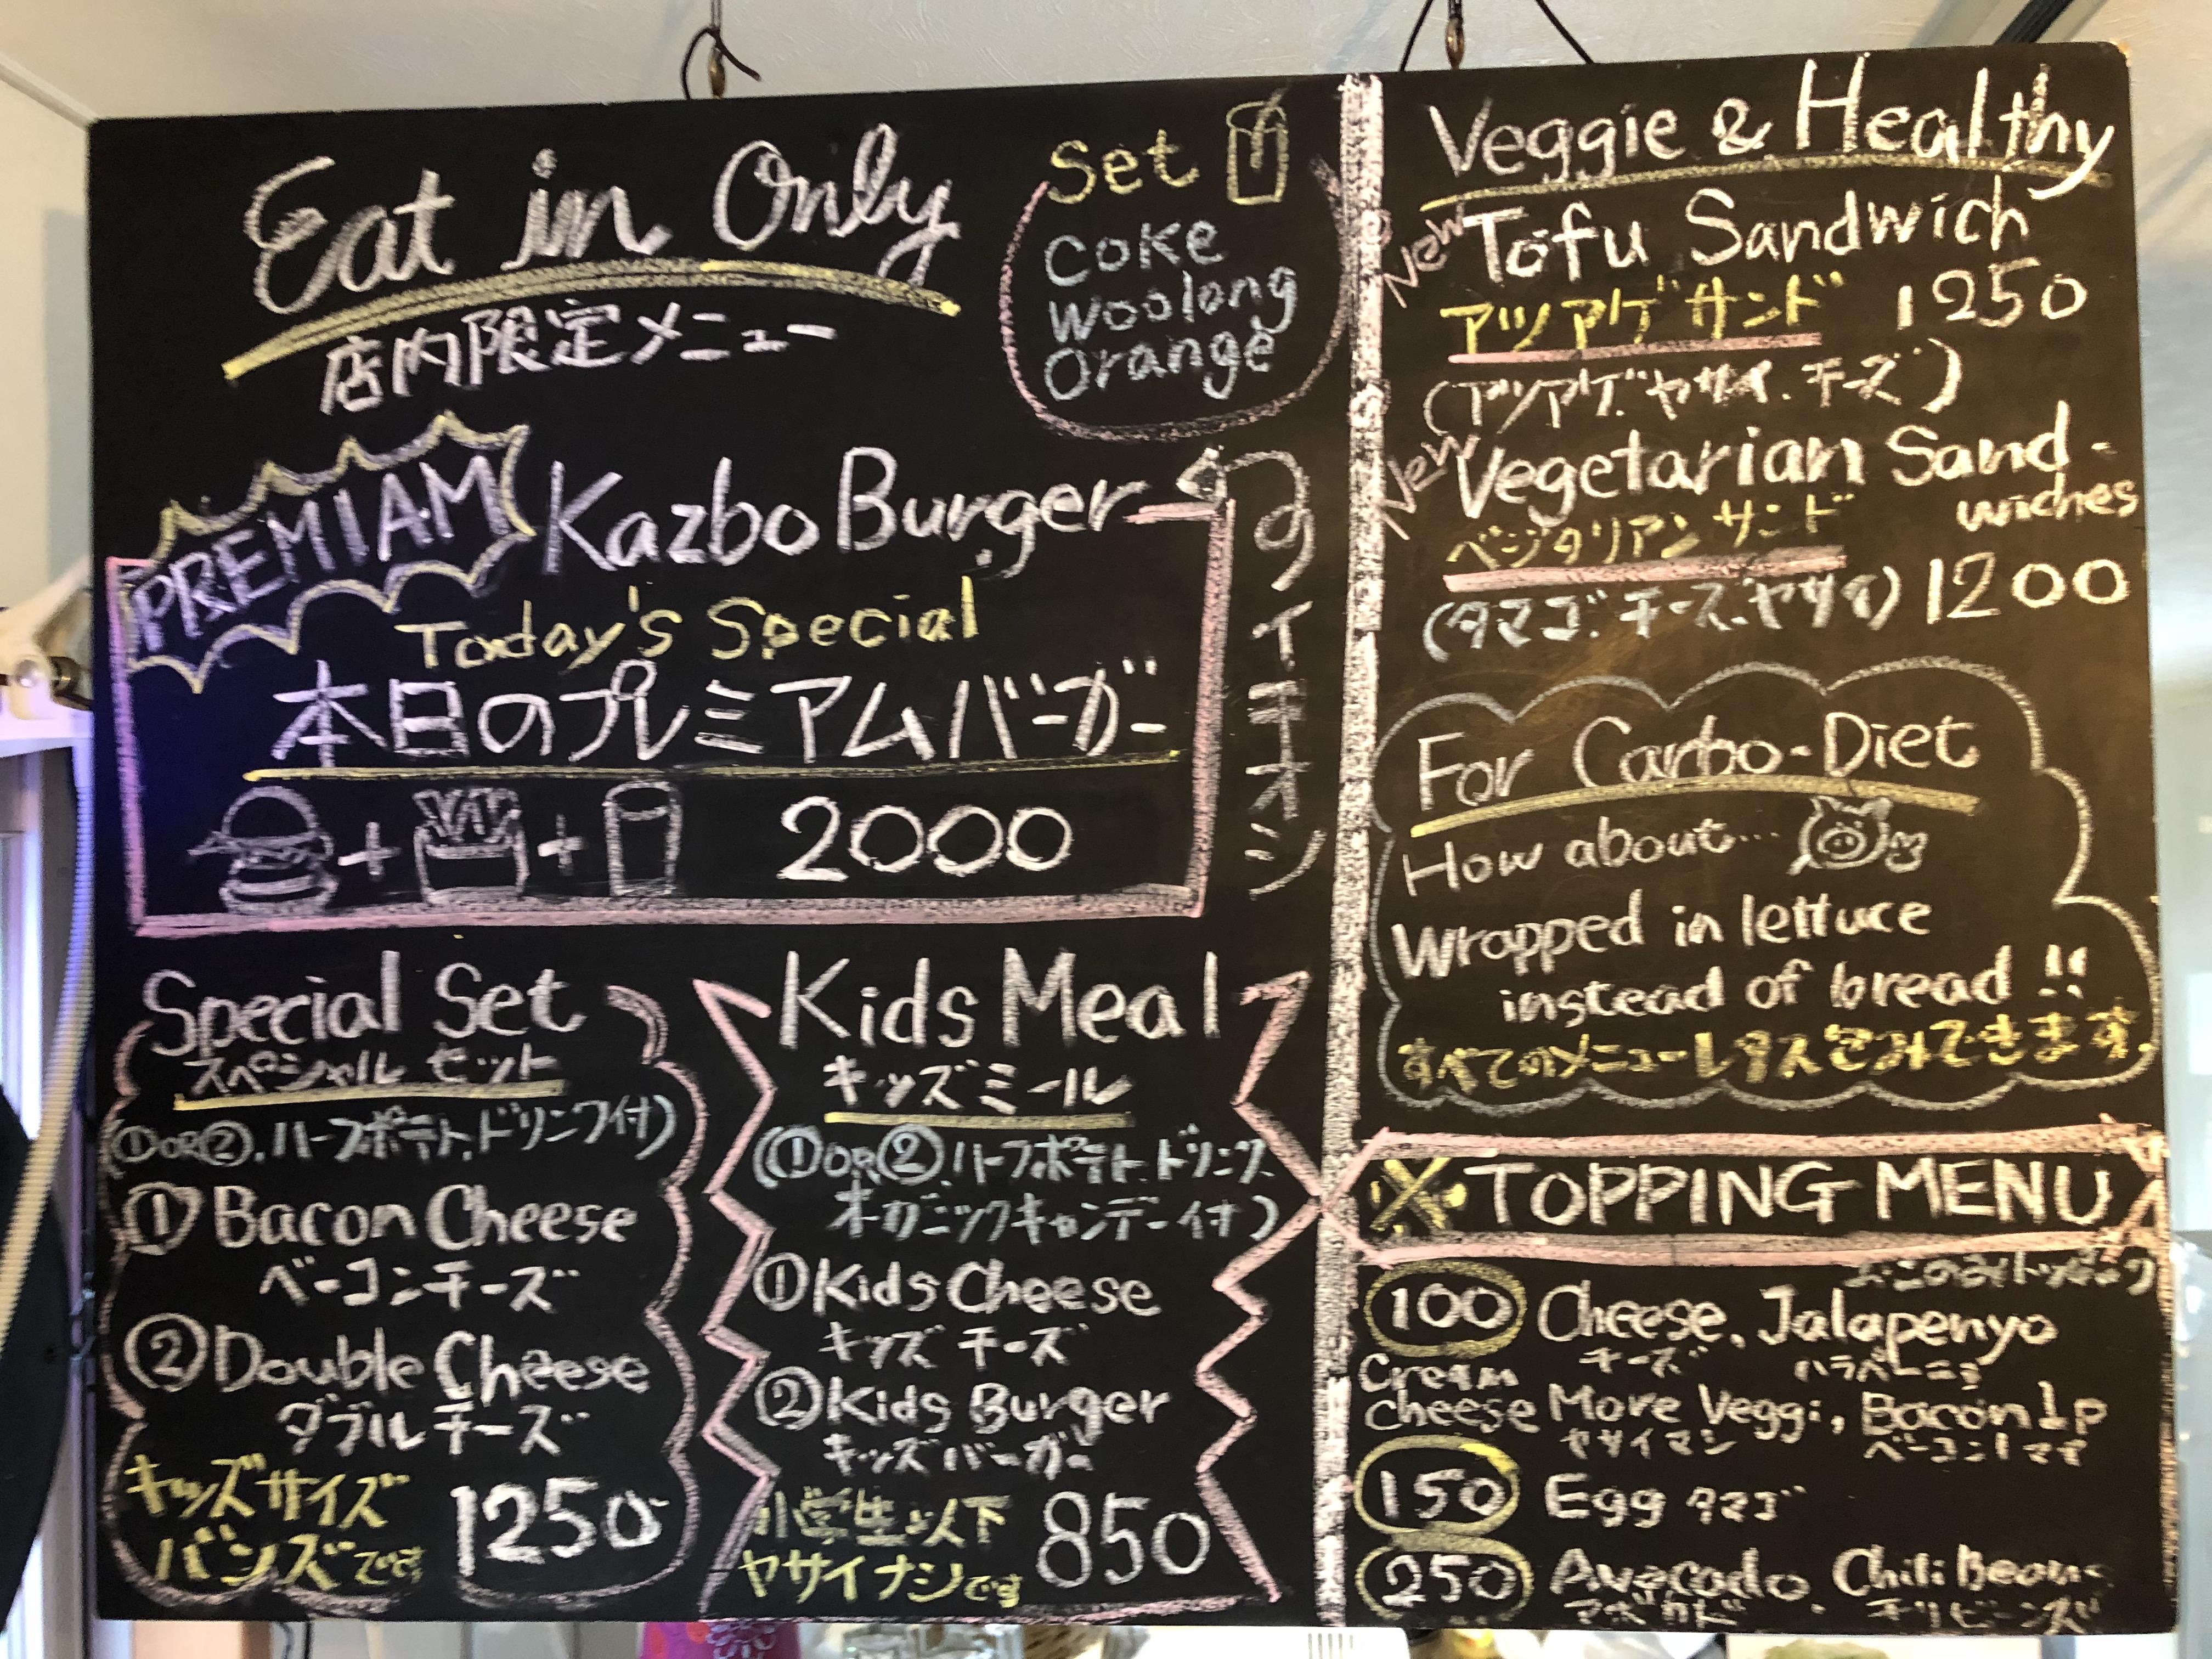 奄美大島の本格的アメリカンスタイル炭火焼バーガーの店